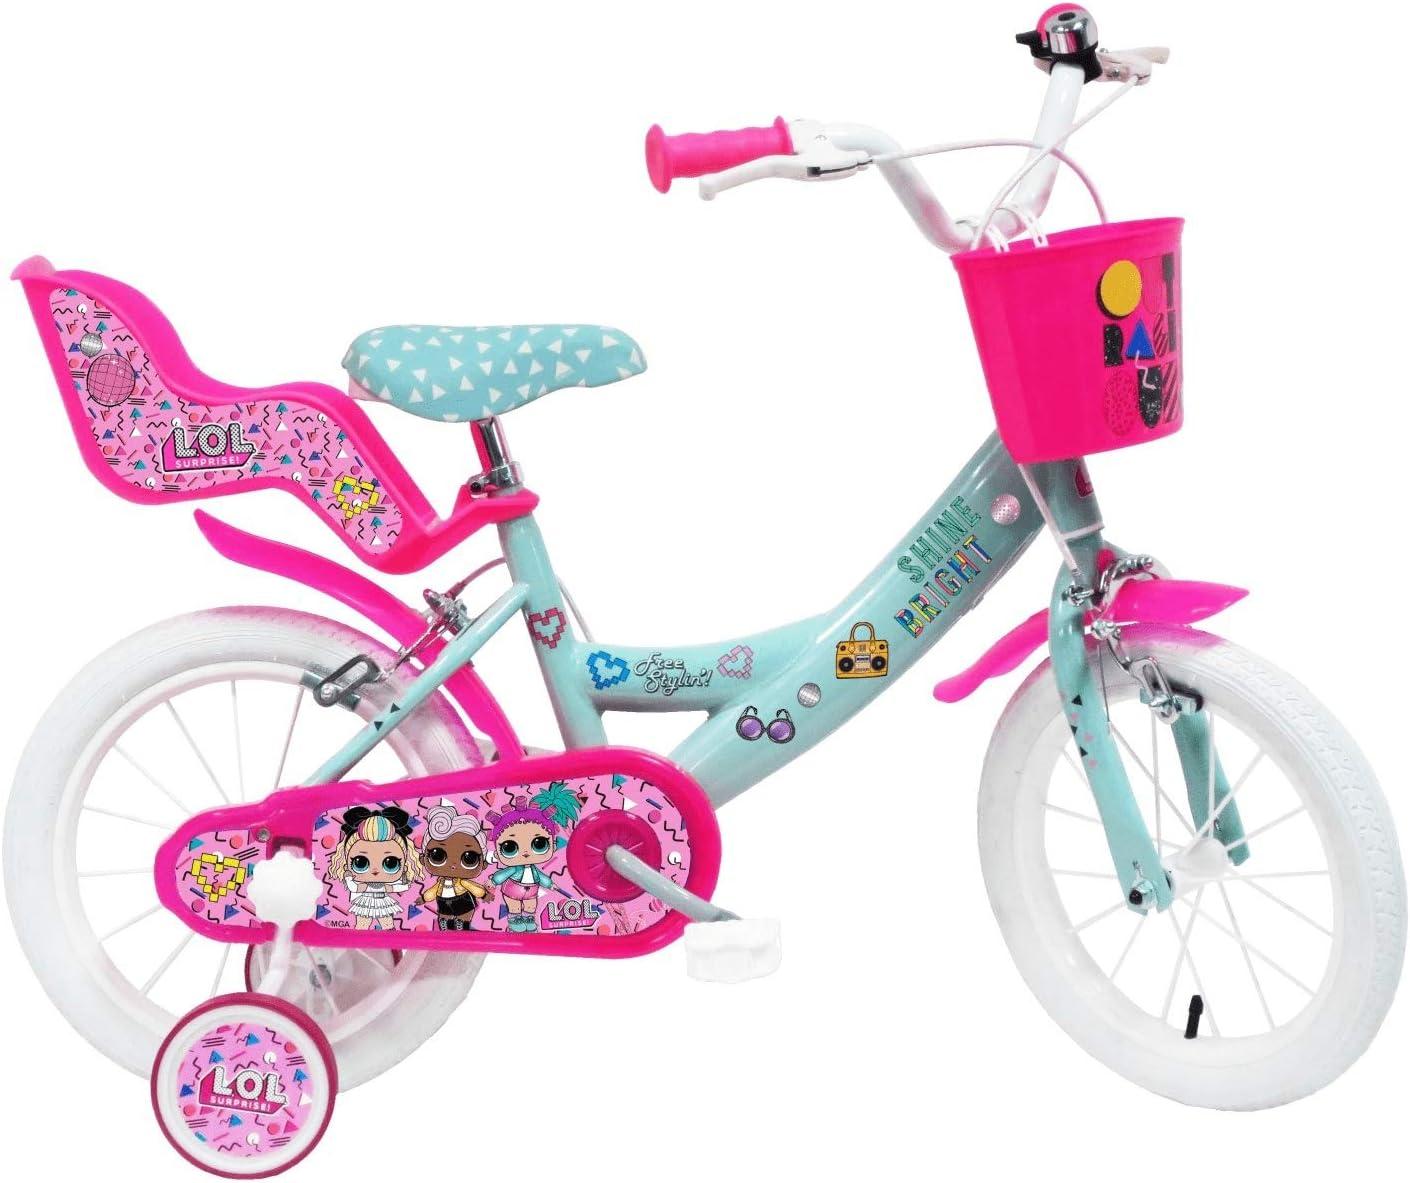 Mondo Bicicleta LOL Surprise 14 pulgadas: Amazon.es: Deportes y ...